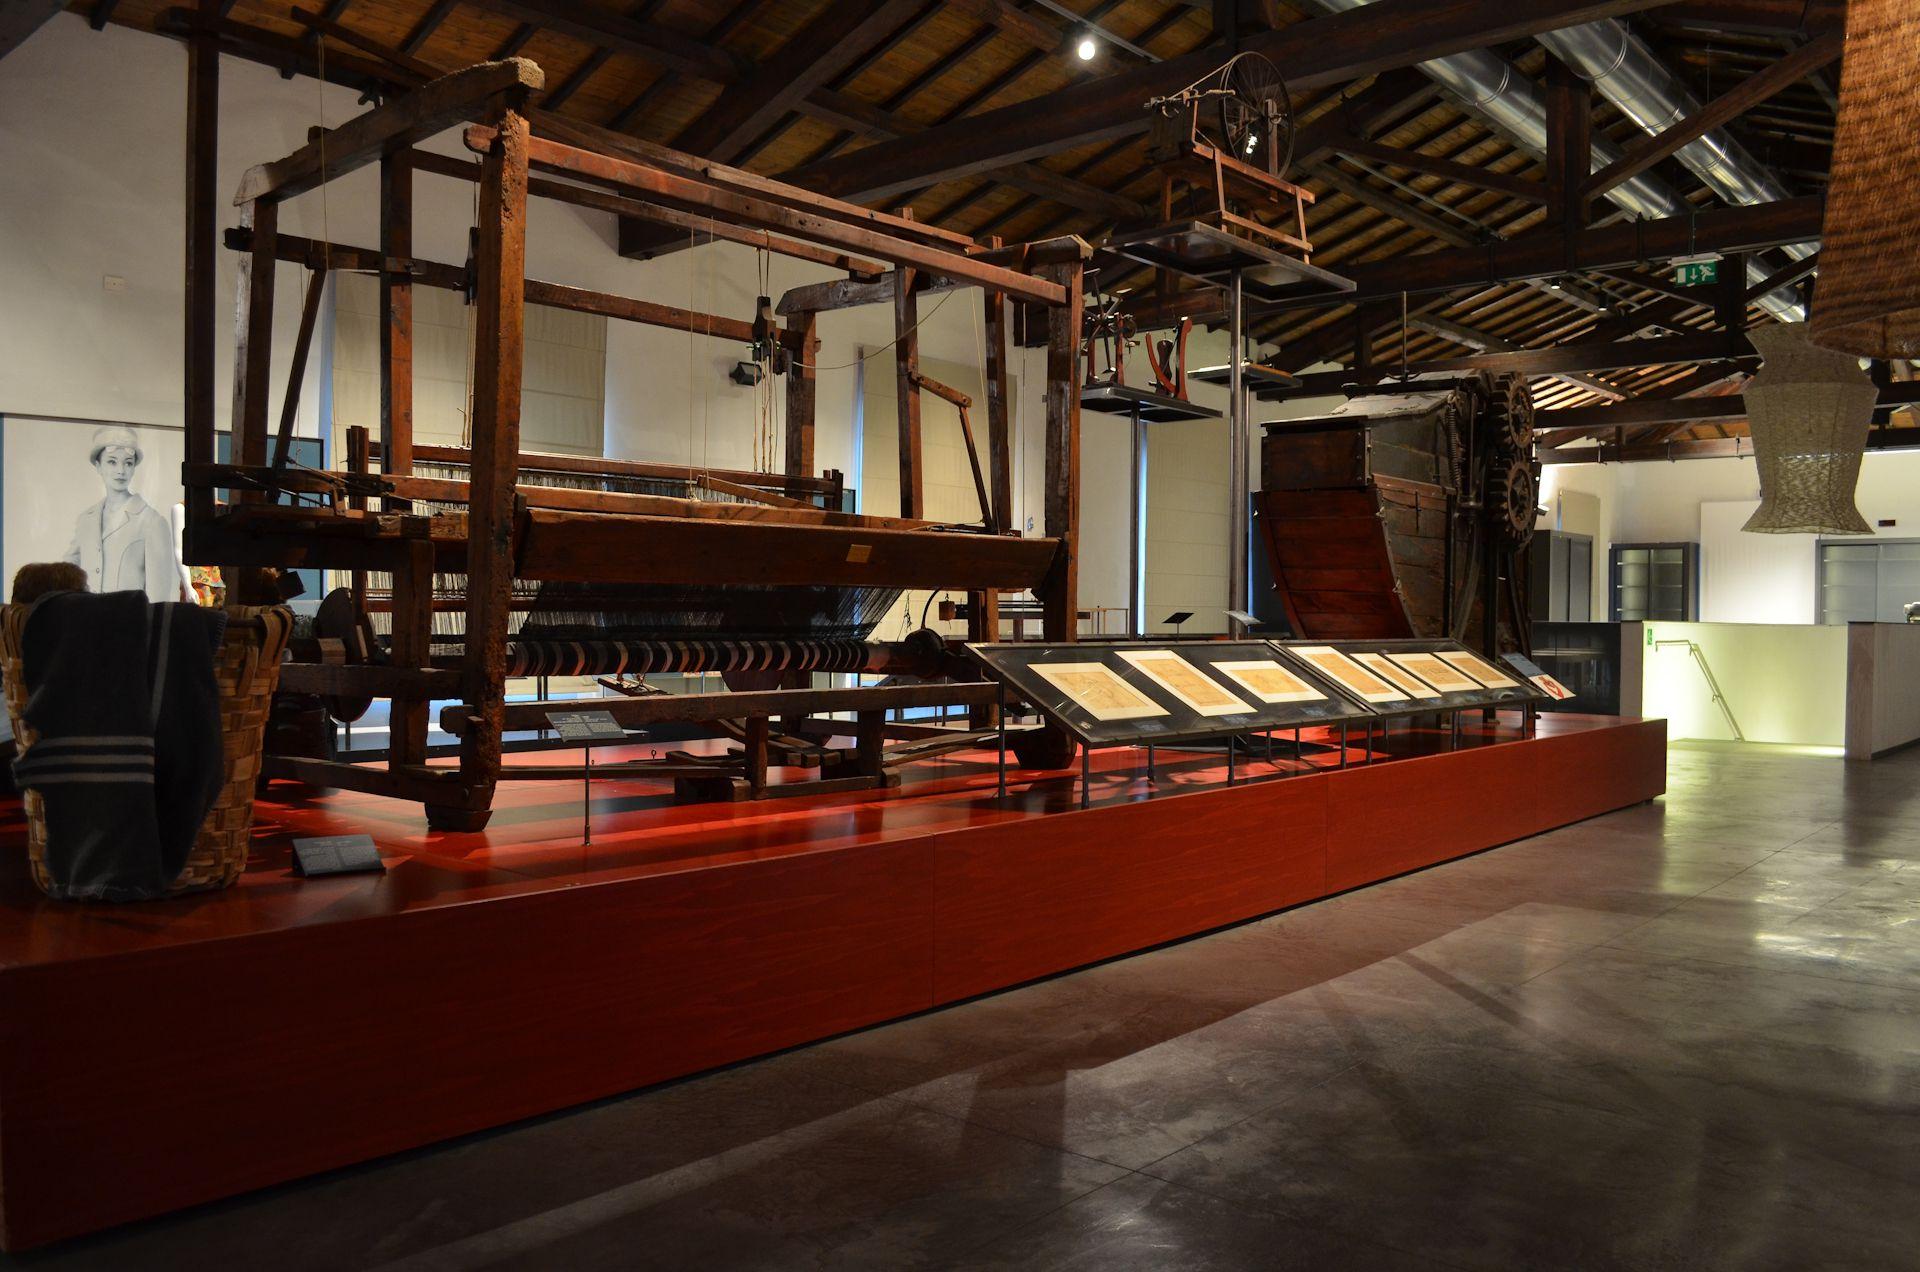 museo del tessuto di prato - photo#11